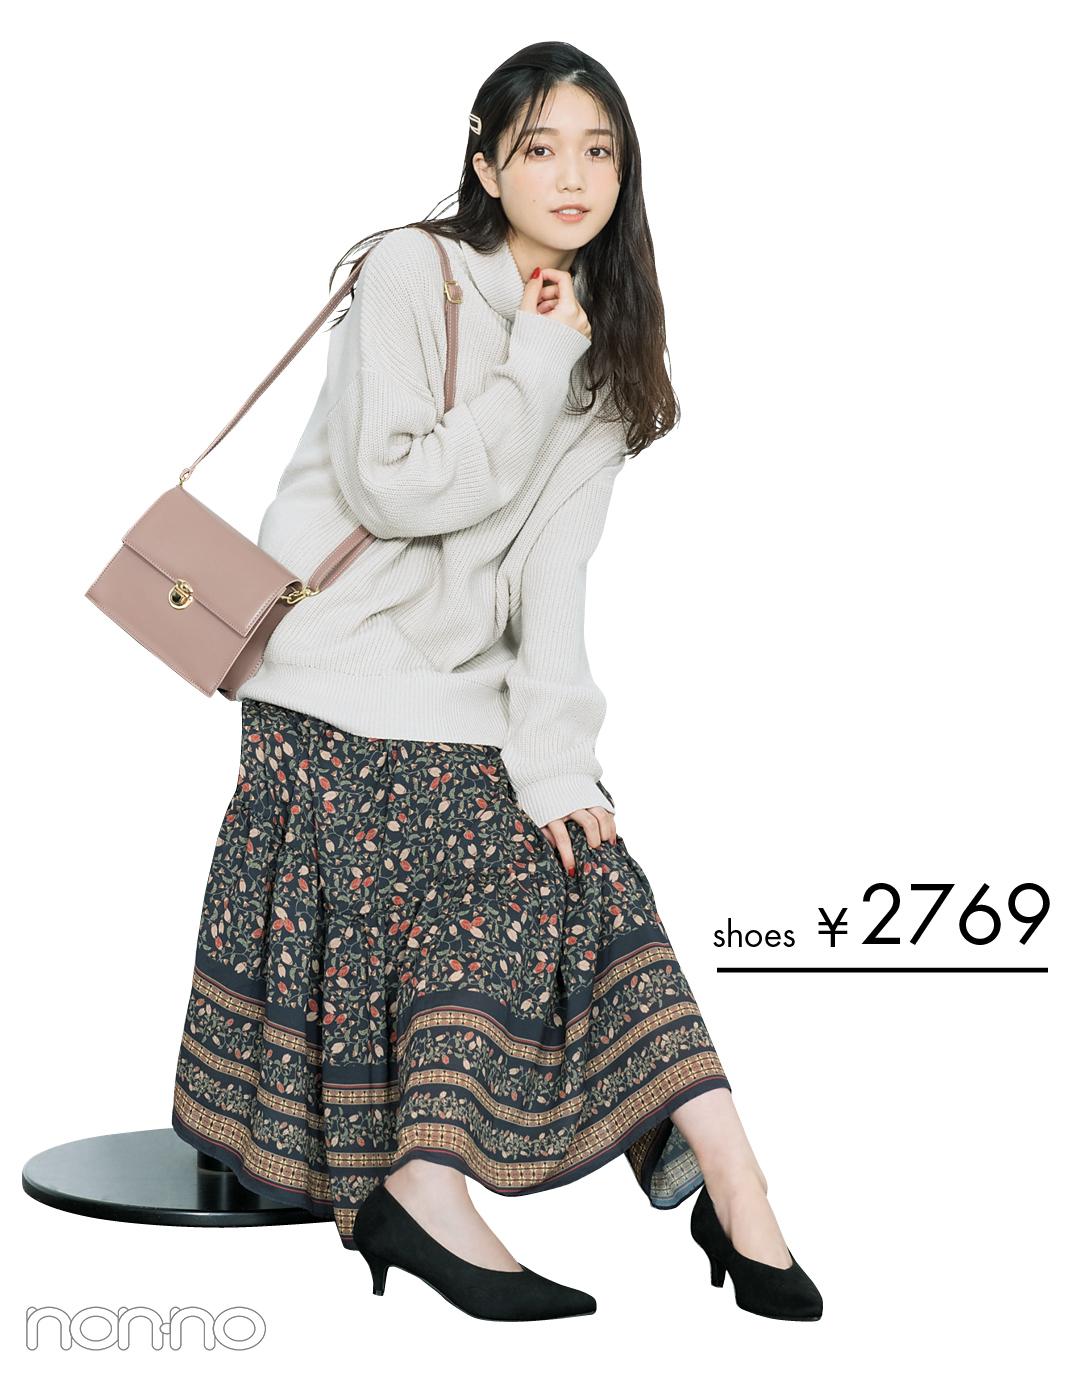 shoes ¥2769